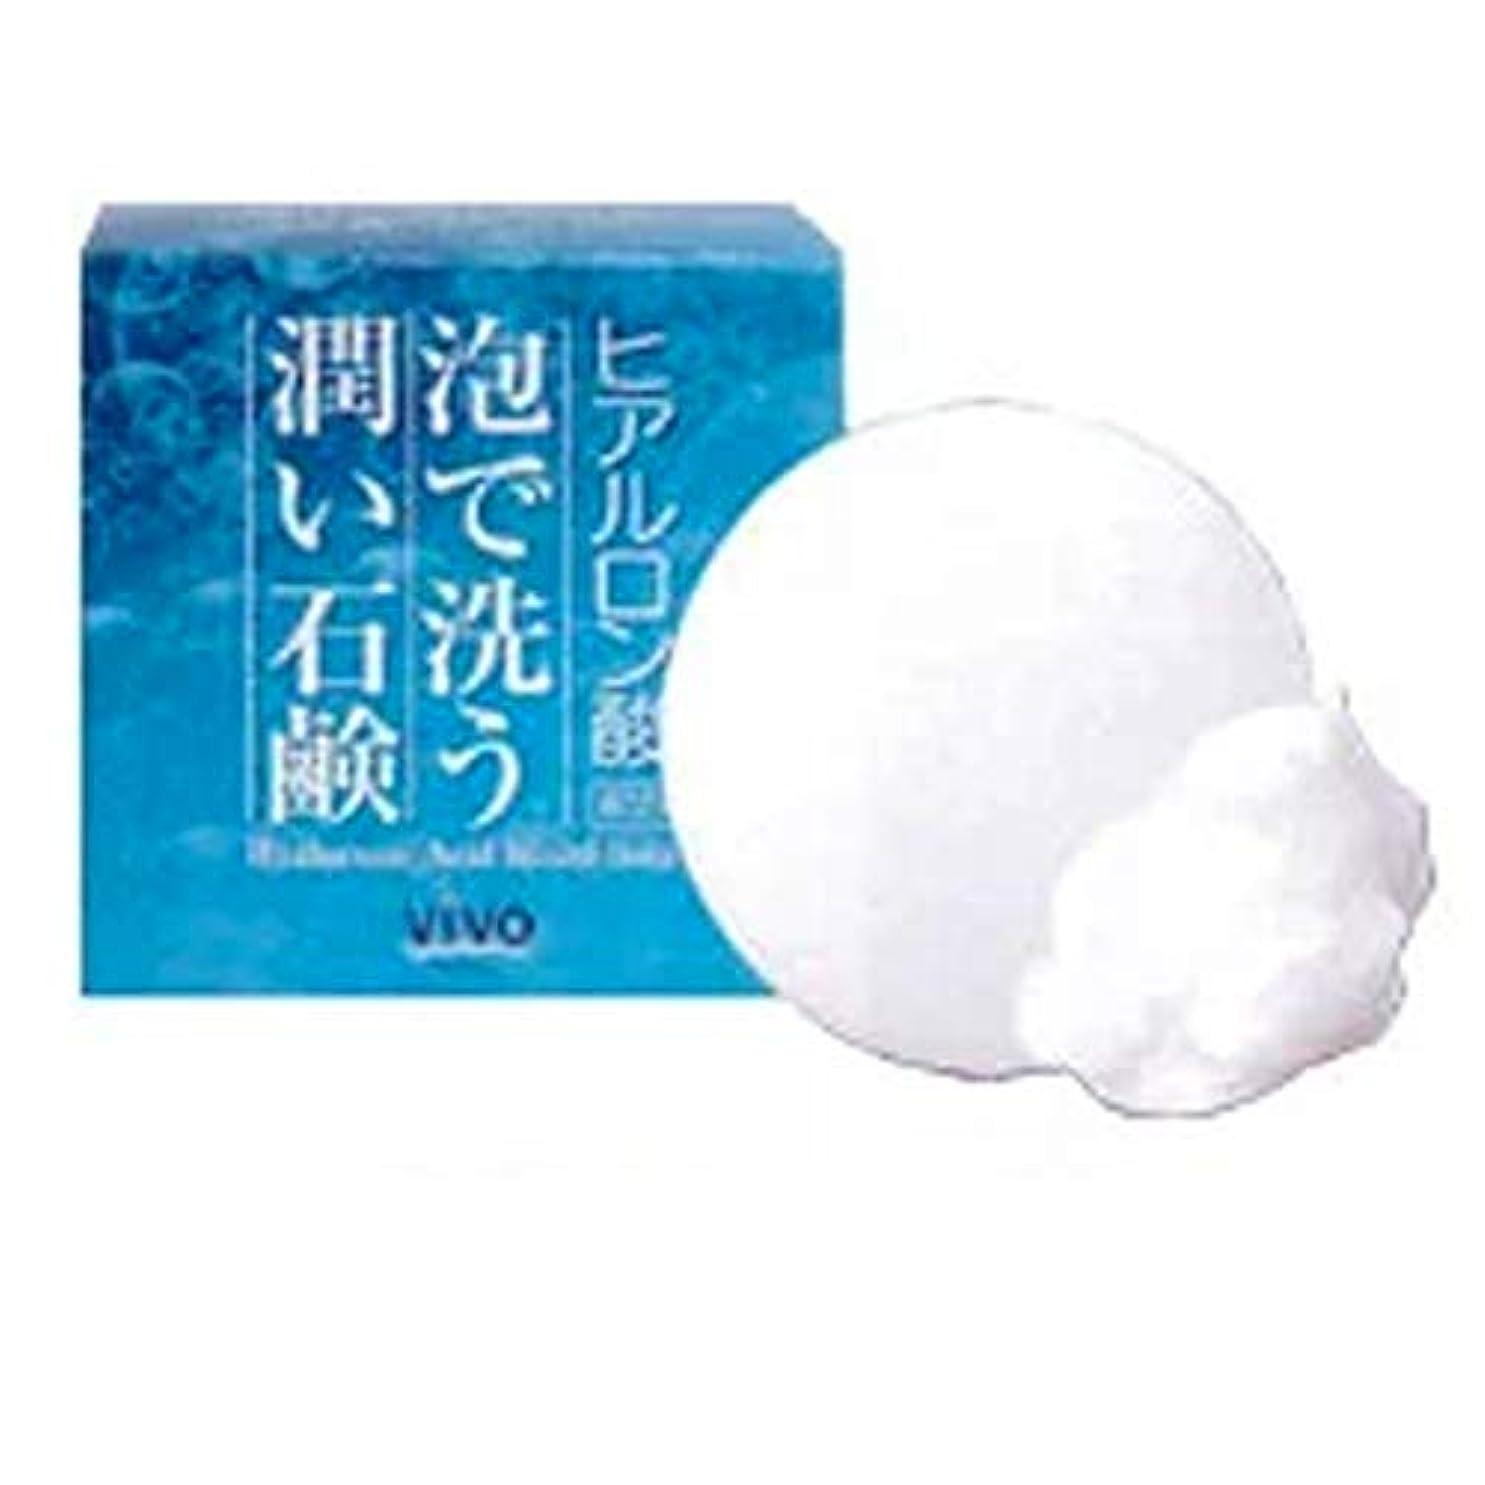 見つけるのホスト説得力のあるBella Vivo ヒアルロン酸洗顔石鹸 3個セット